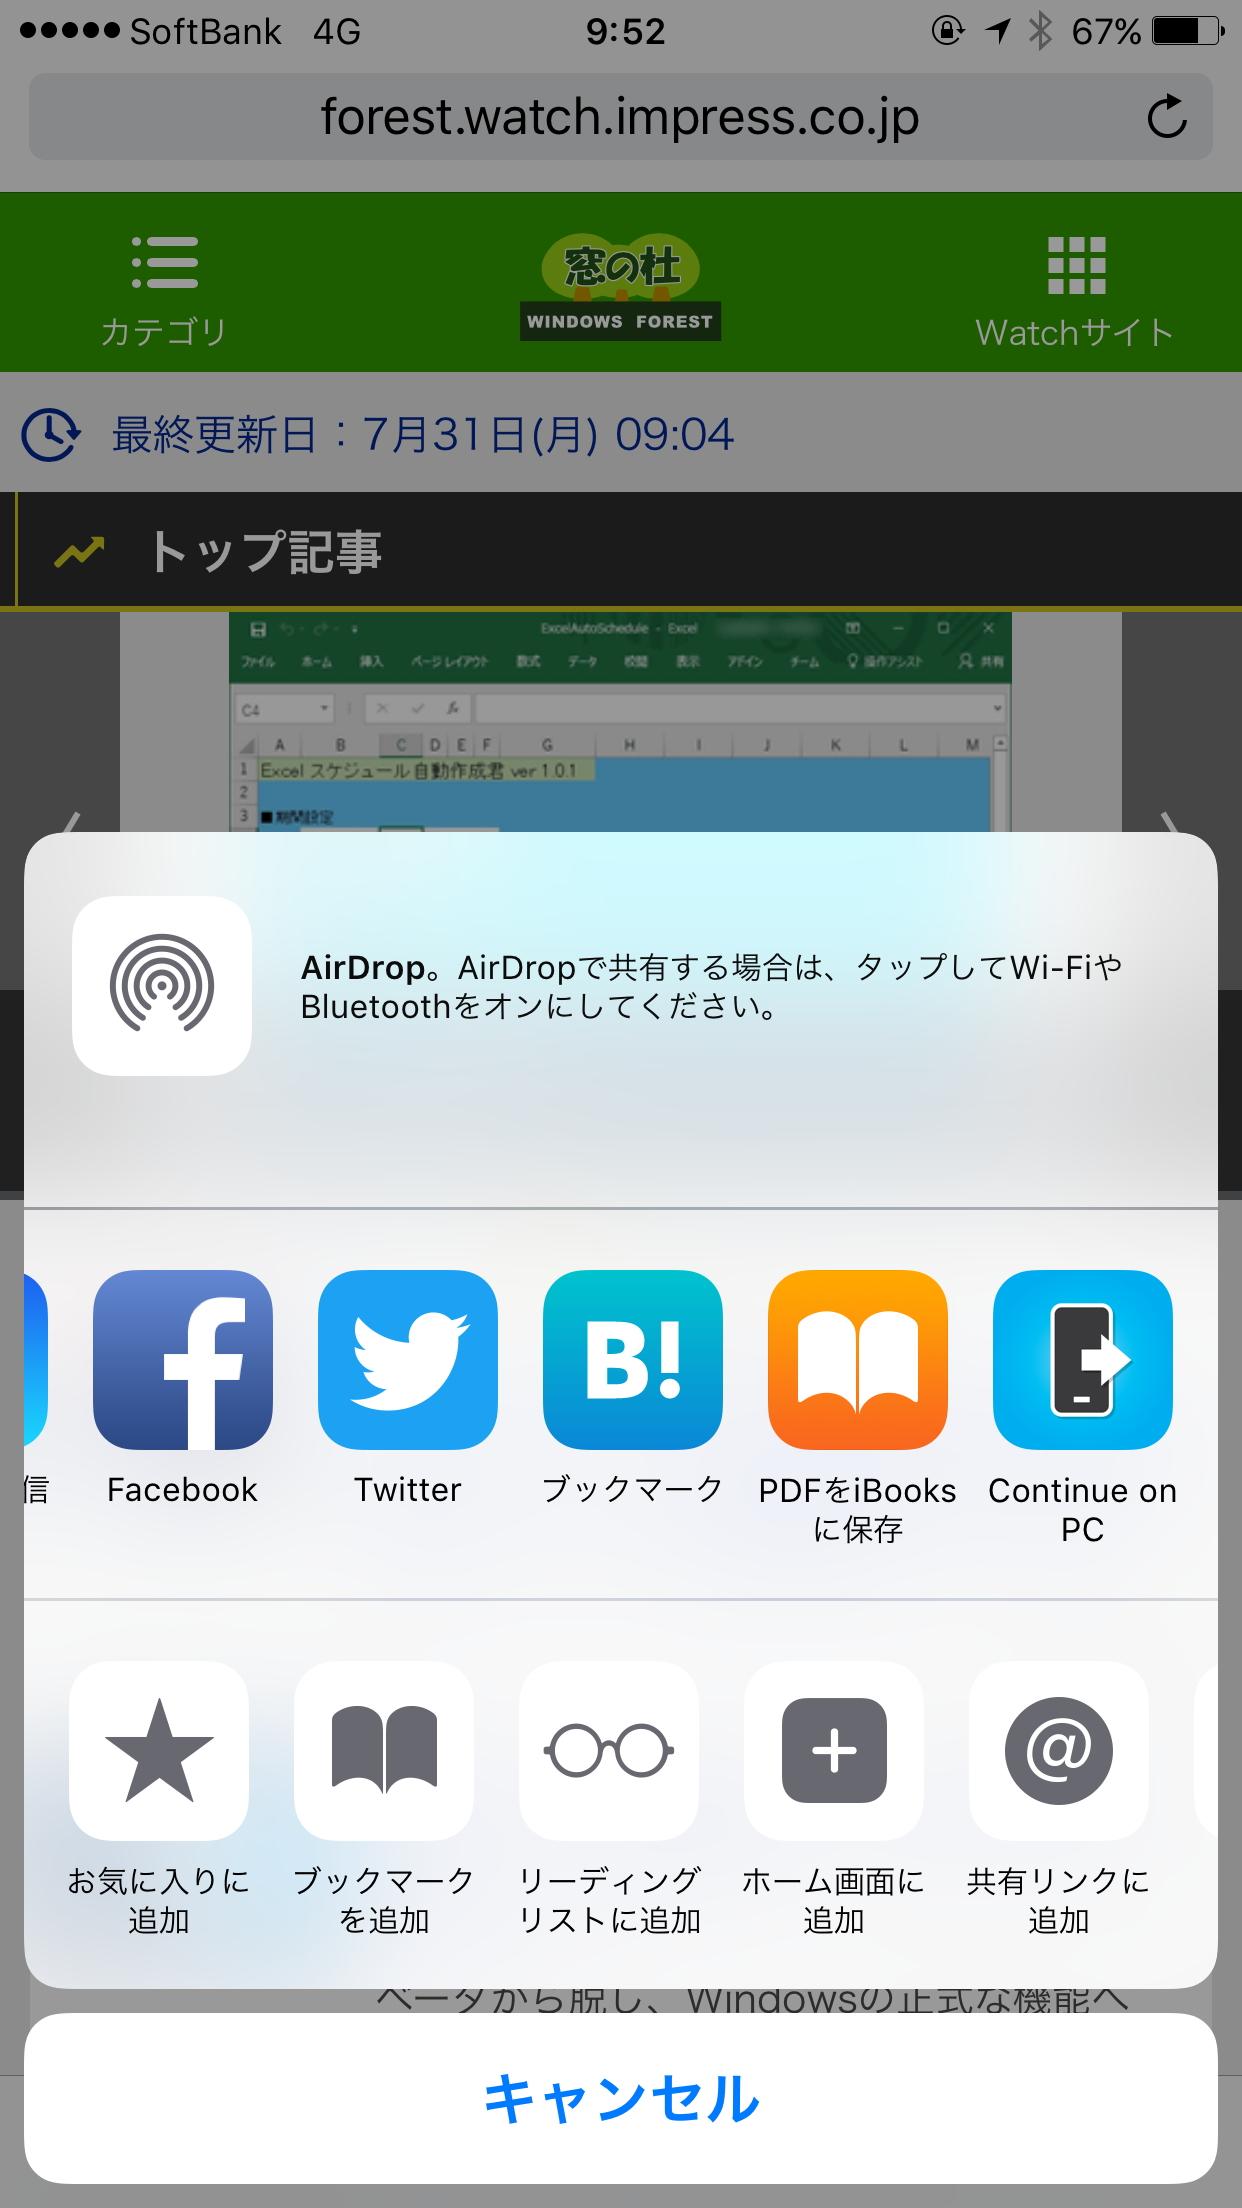 [アクティビティ]画面で「Continue on PC」を有効化すると、[共有]コマンドに「Continue on PC」が現れる